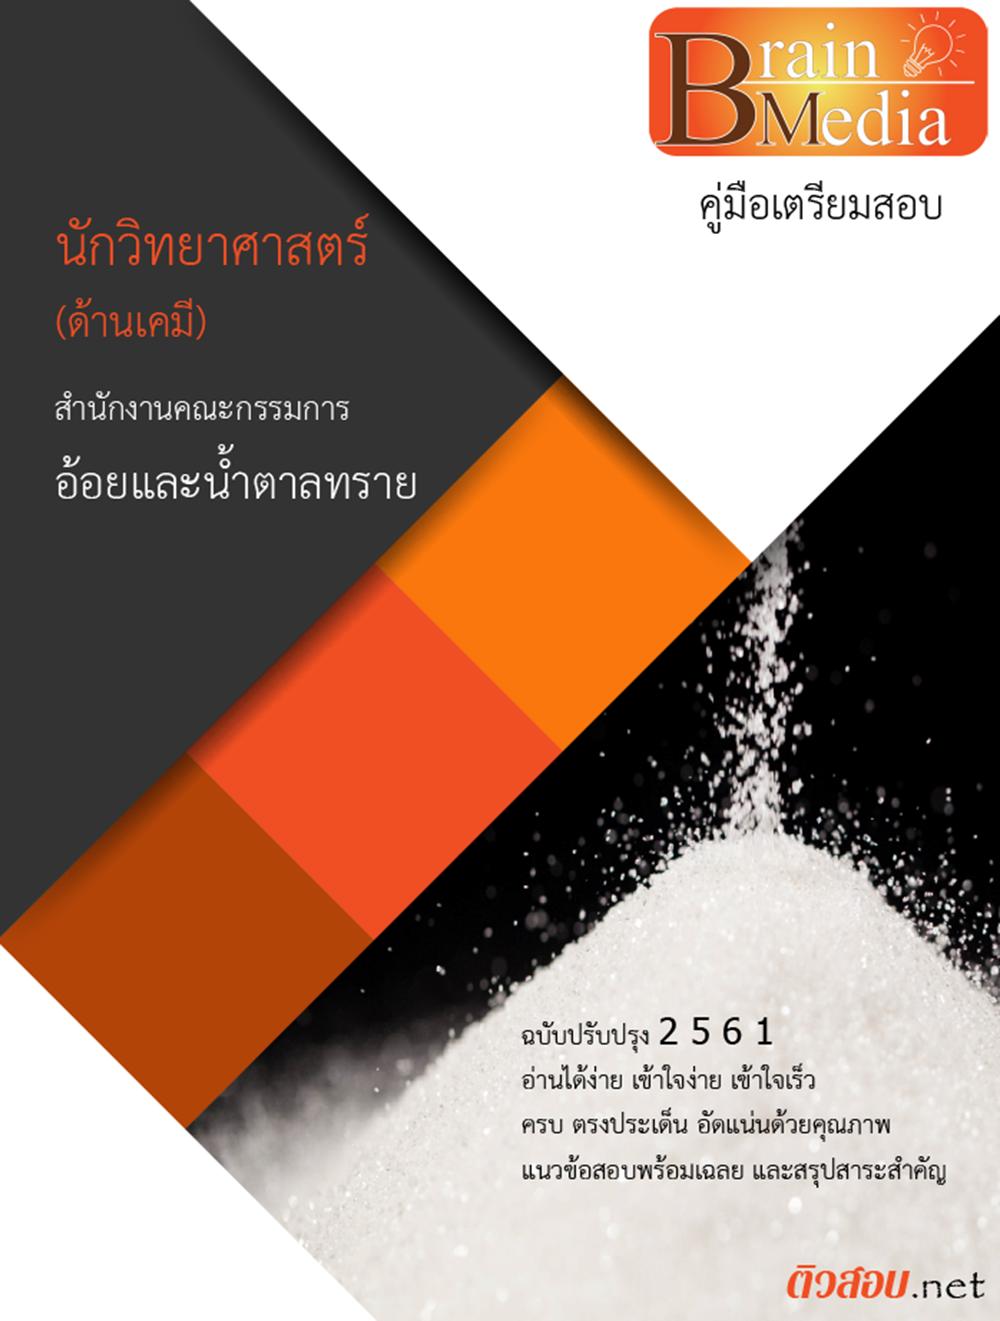 เฉลยแนวข้อสอบ นักวิทยาศาสตร์(ด้านเคมี) สำนักงานคณะกรรมการอ้อยและน้ำตาลทราย